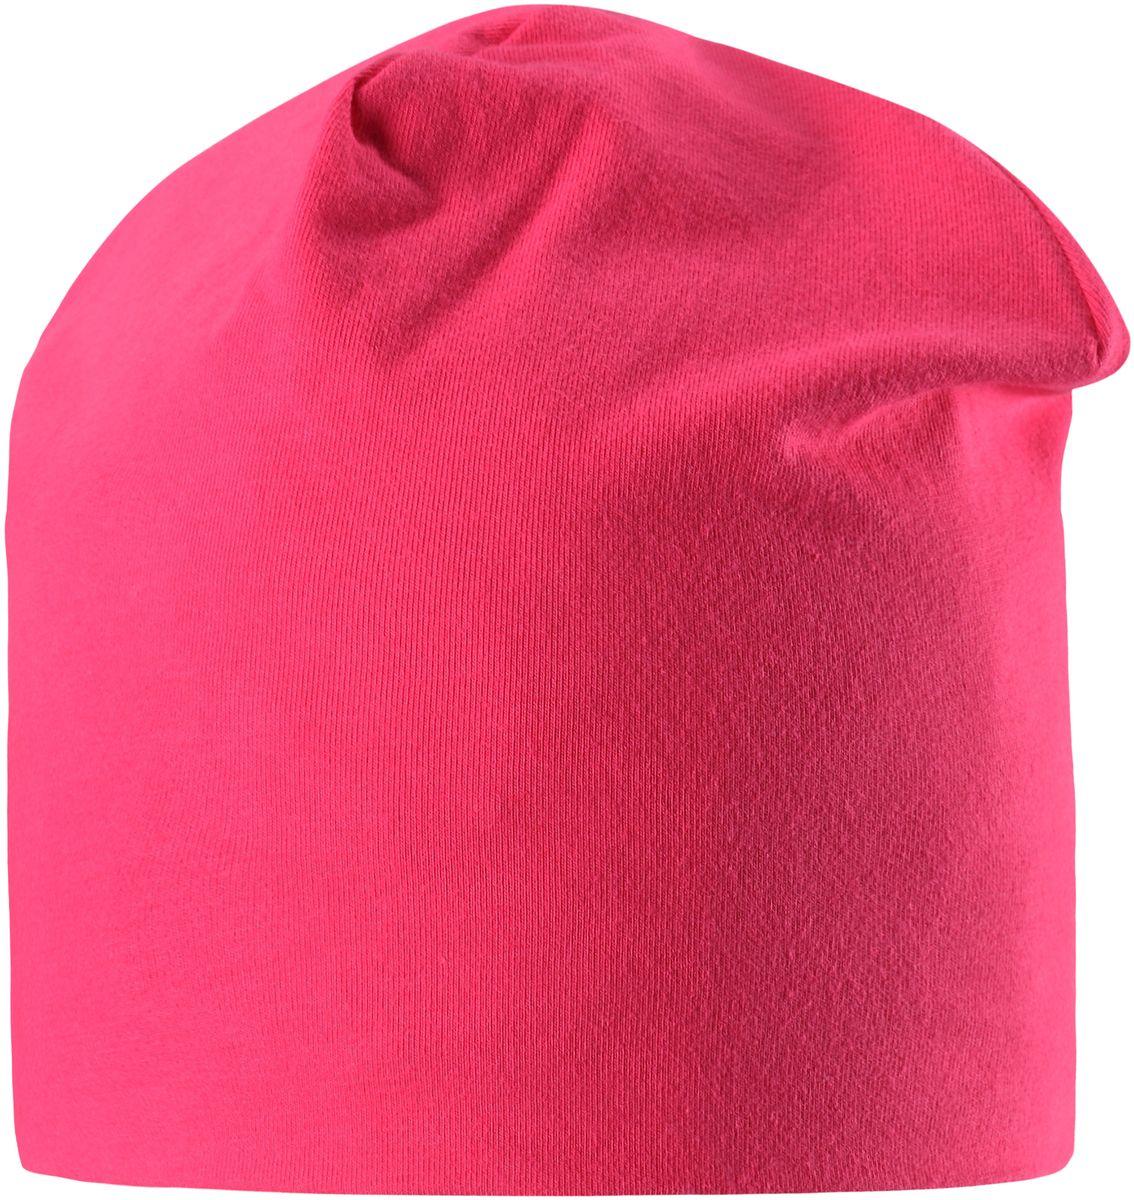 Шапка для девочки Lassie, цвет: ярко-розовый. 7287043401. Размер 52/547287043401Легкая и удобная детская шапка в нескольких вариантах разных однотонных расцветок и ярких принтов. Шапка сделана из легкого и дышащего джерси на полной трикотажной подкладке из смеси хлопка и джерси. Ветронепроницаемые вставки в области ушей обеспечивают дополнительное утепление.